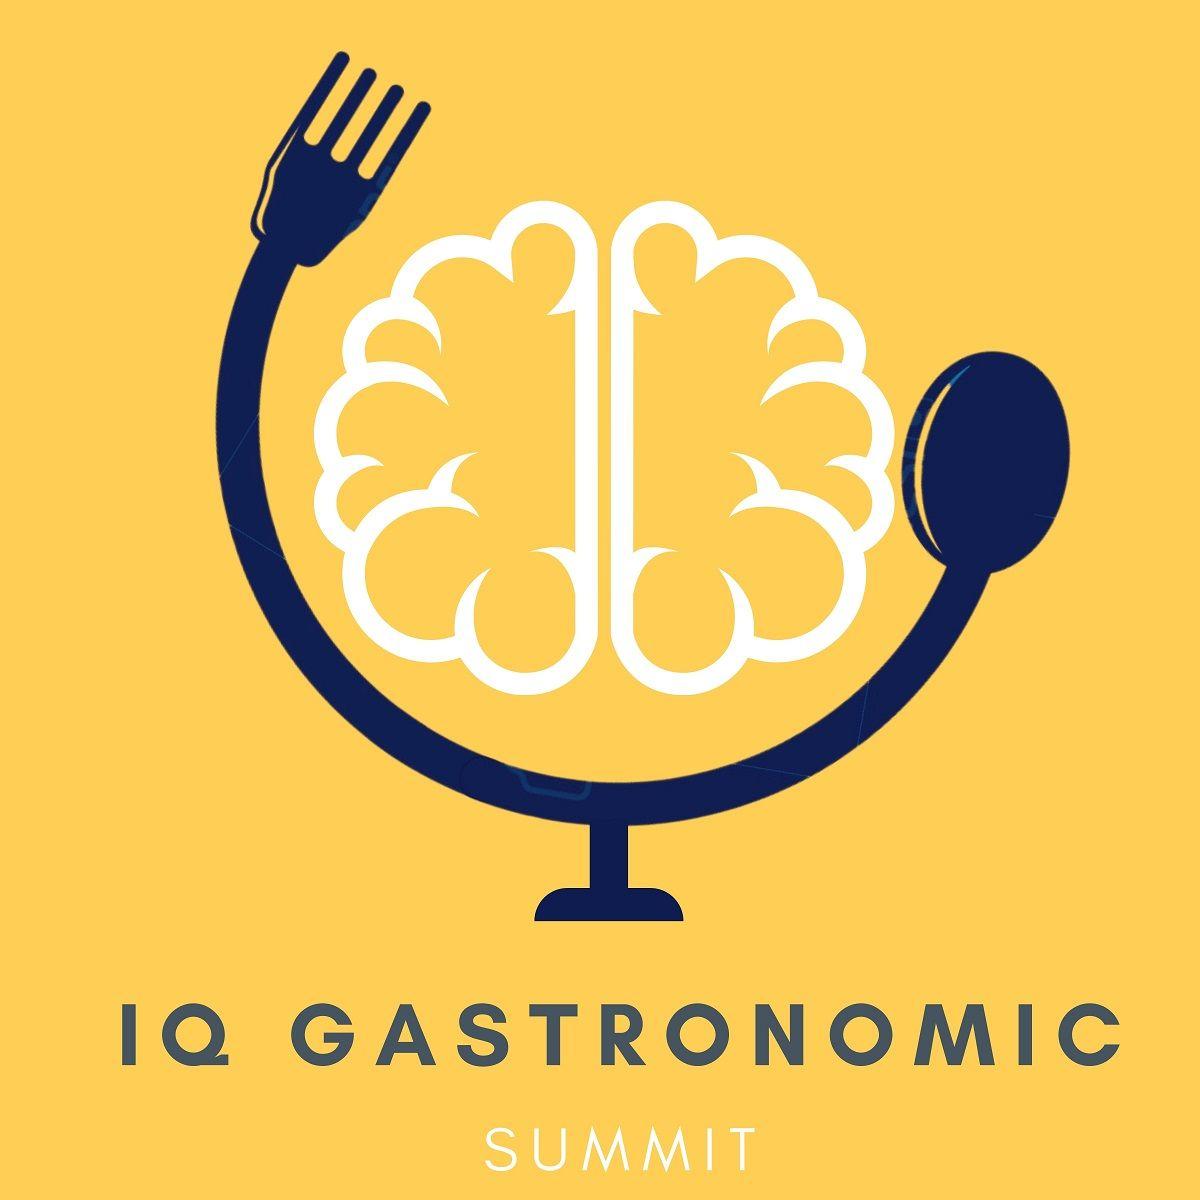 IQ Gastronomic Summit 2020